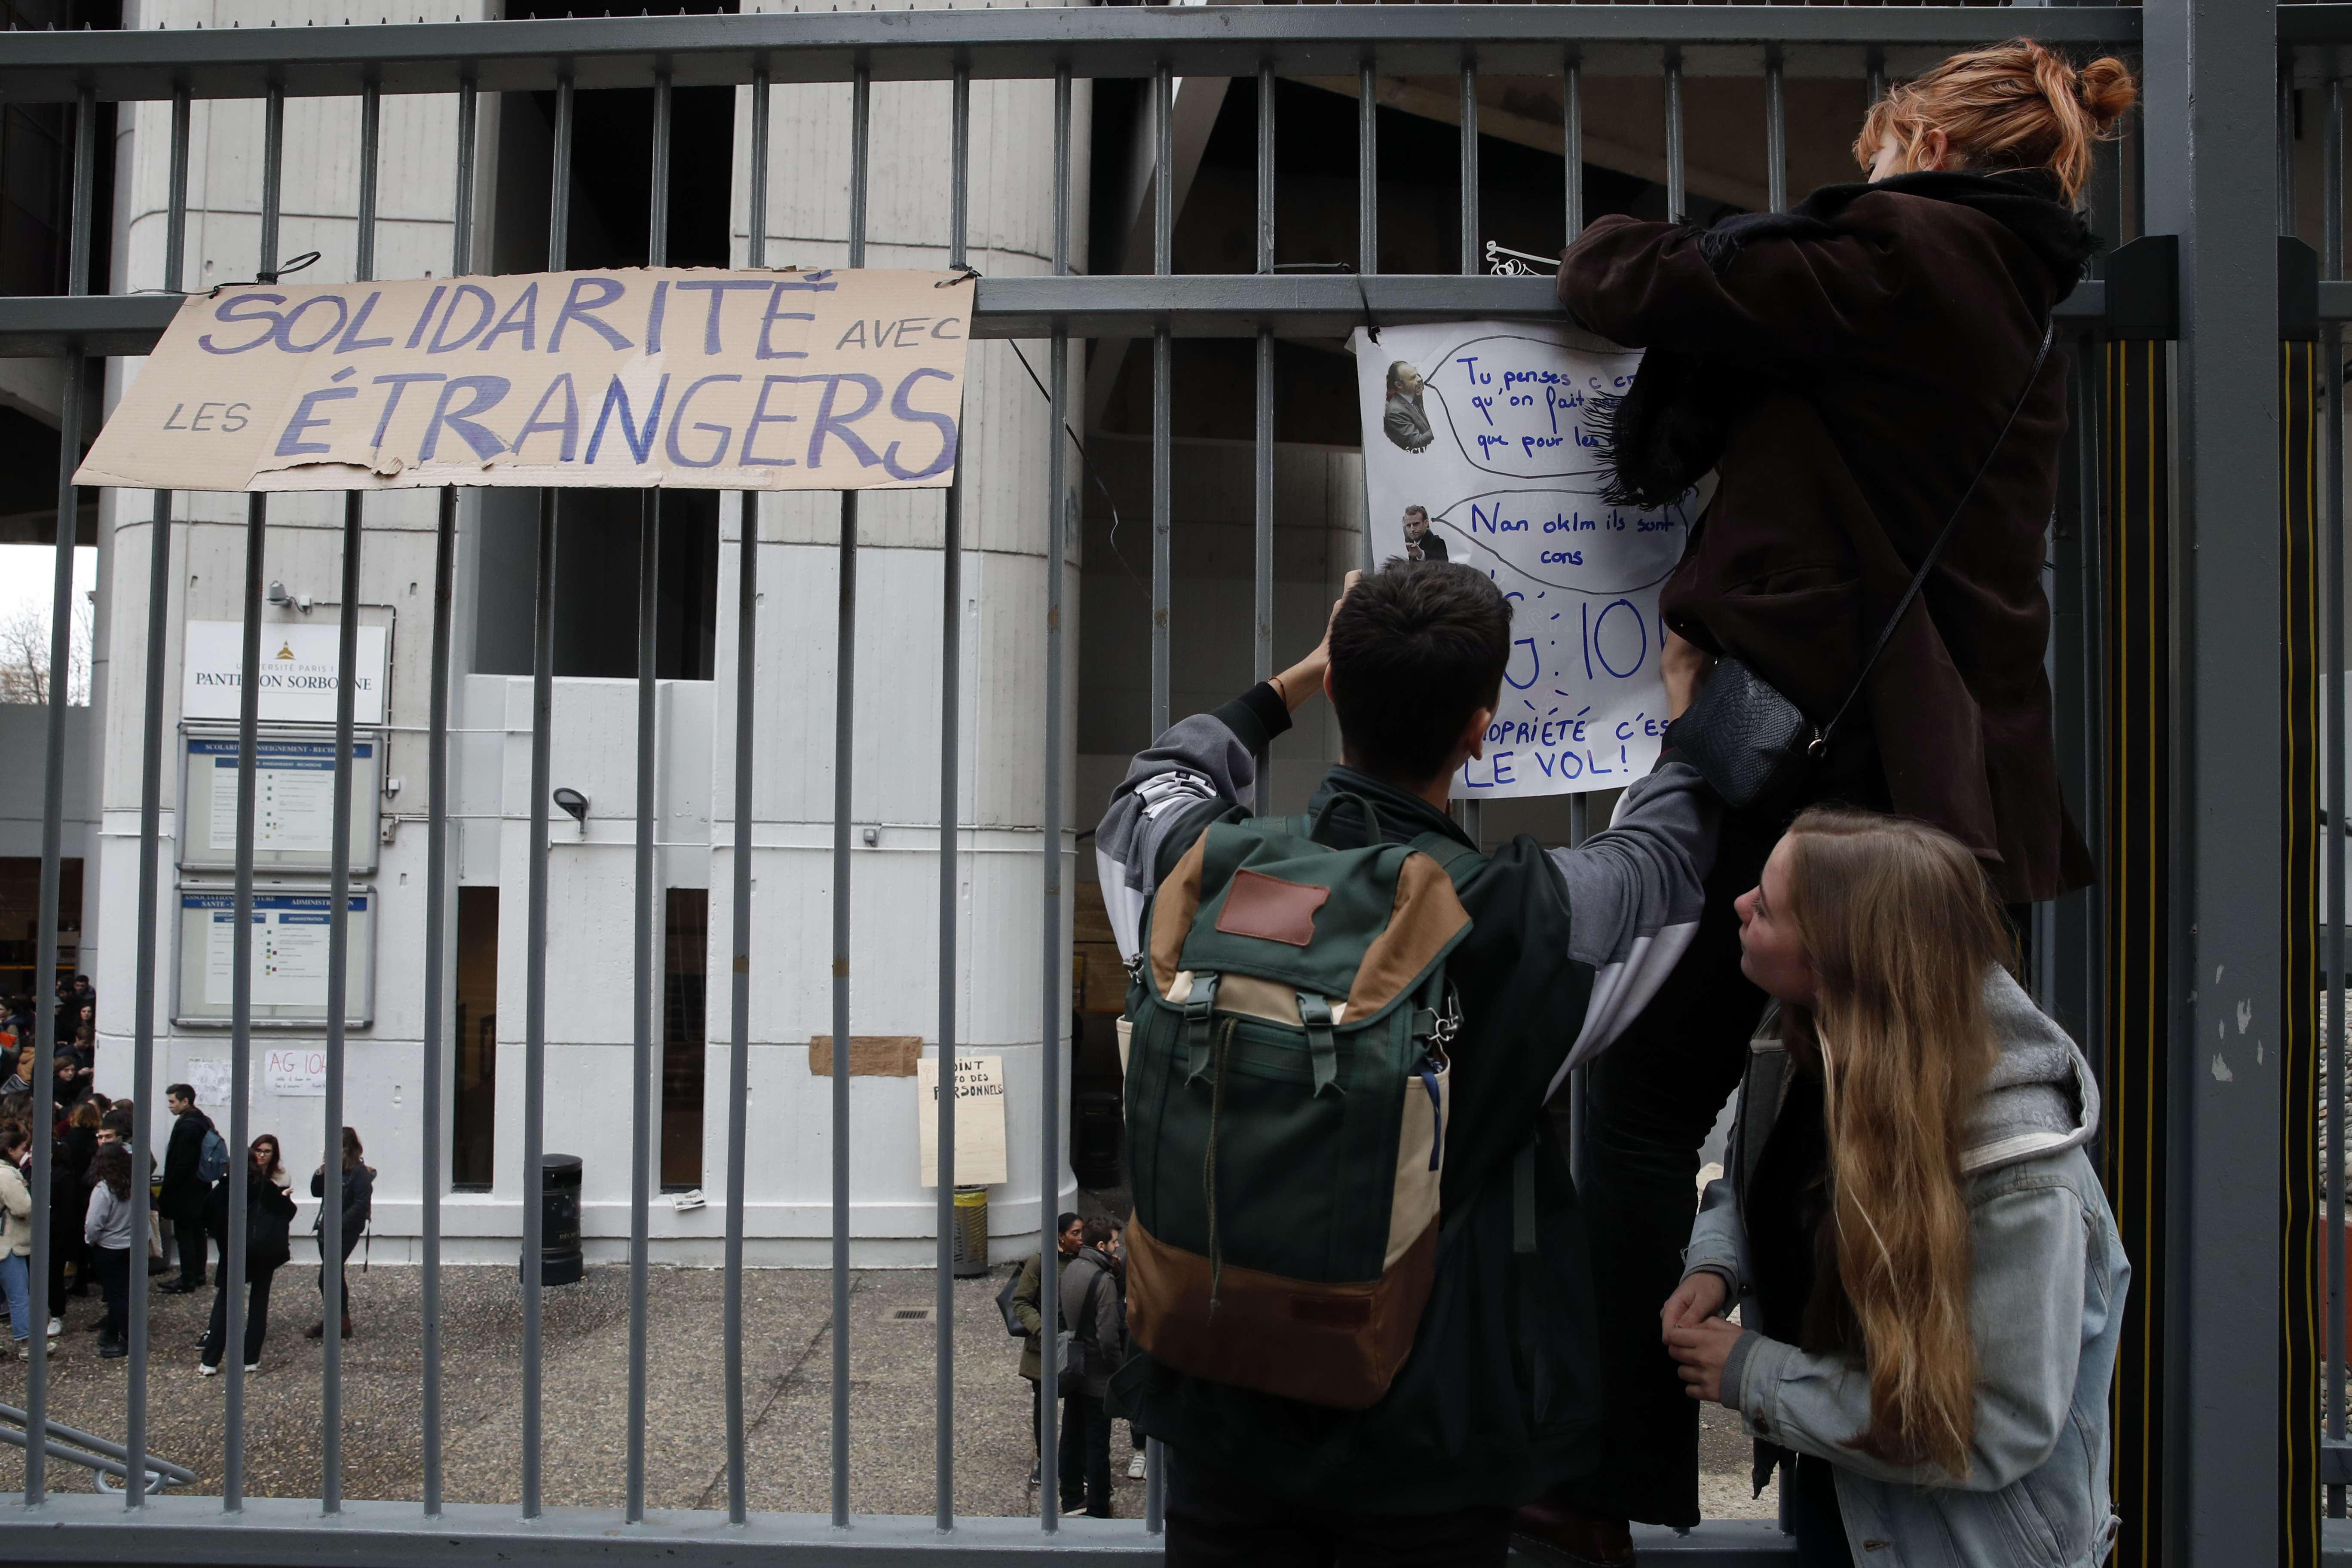 """Des étudiants collent des affiches, dont l'une porte le titre """"Solidarité avec les étrangers"""", sur la clôture de l'université fermée de Tolbiac à Paris, le 5 décembre 2018."""